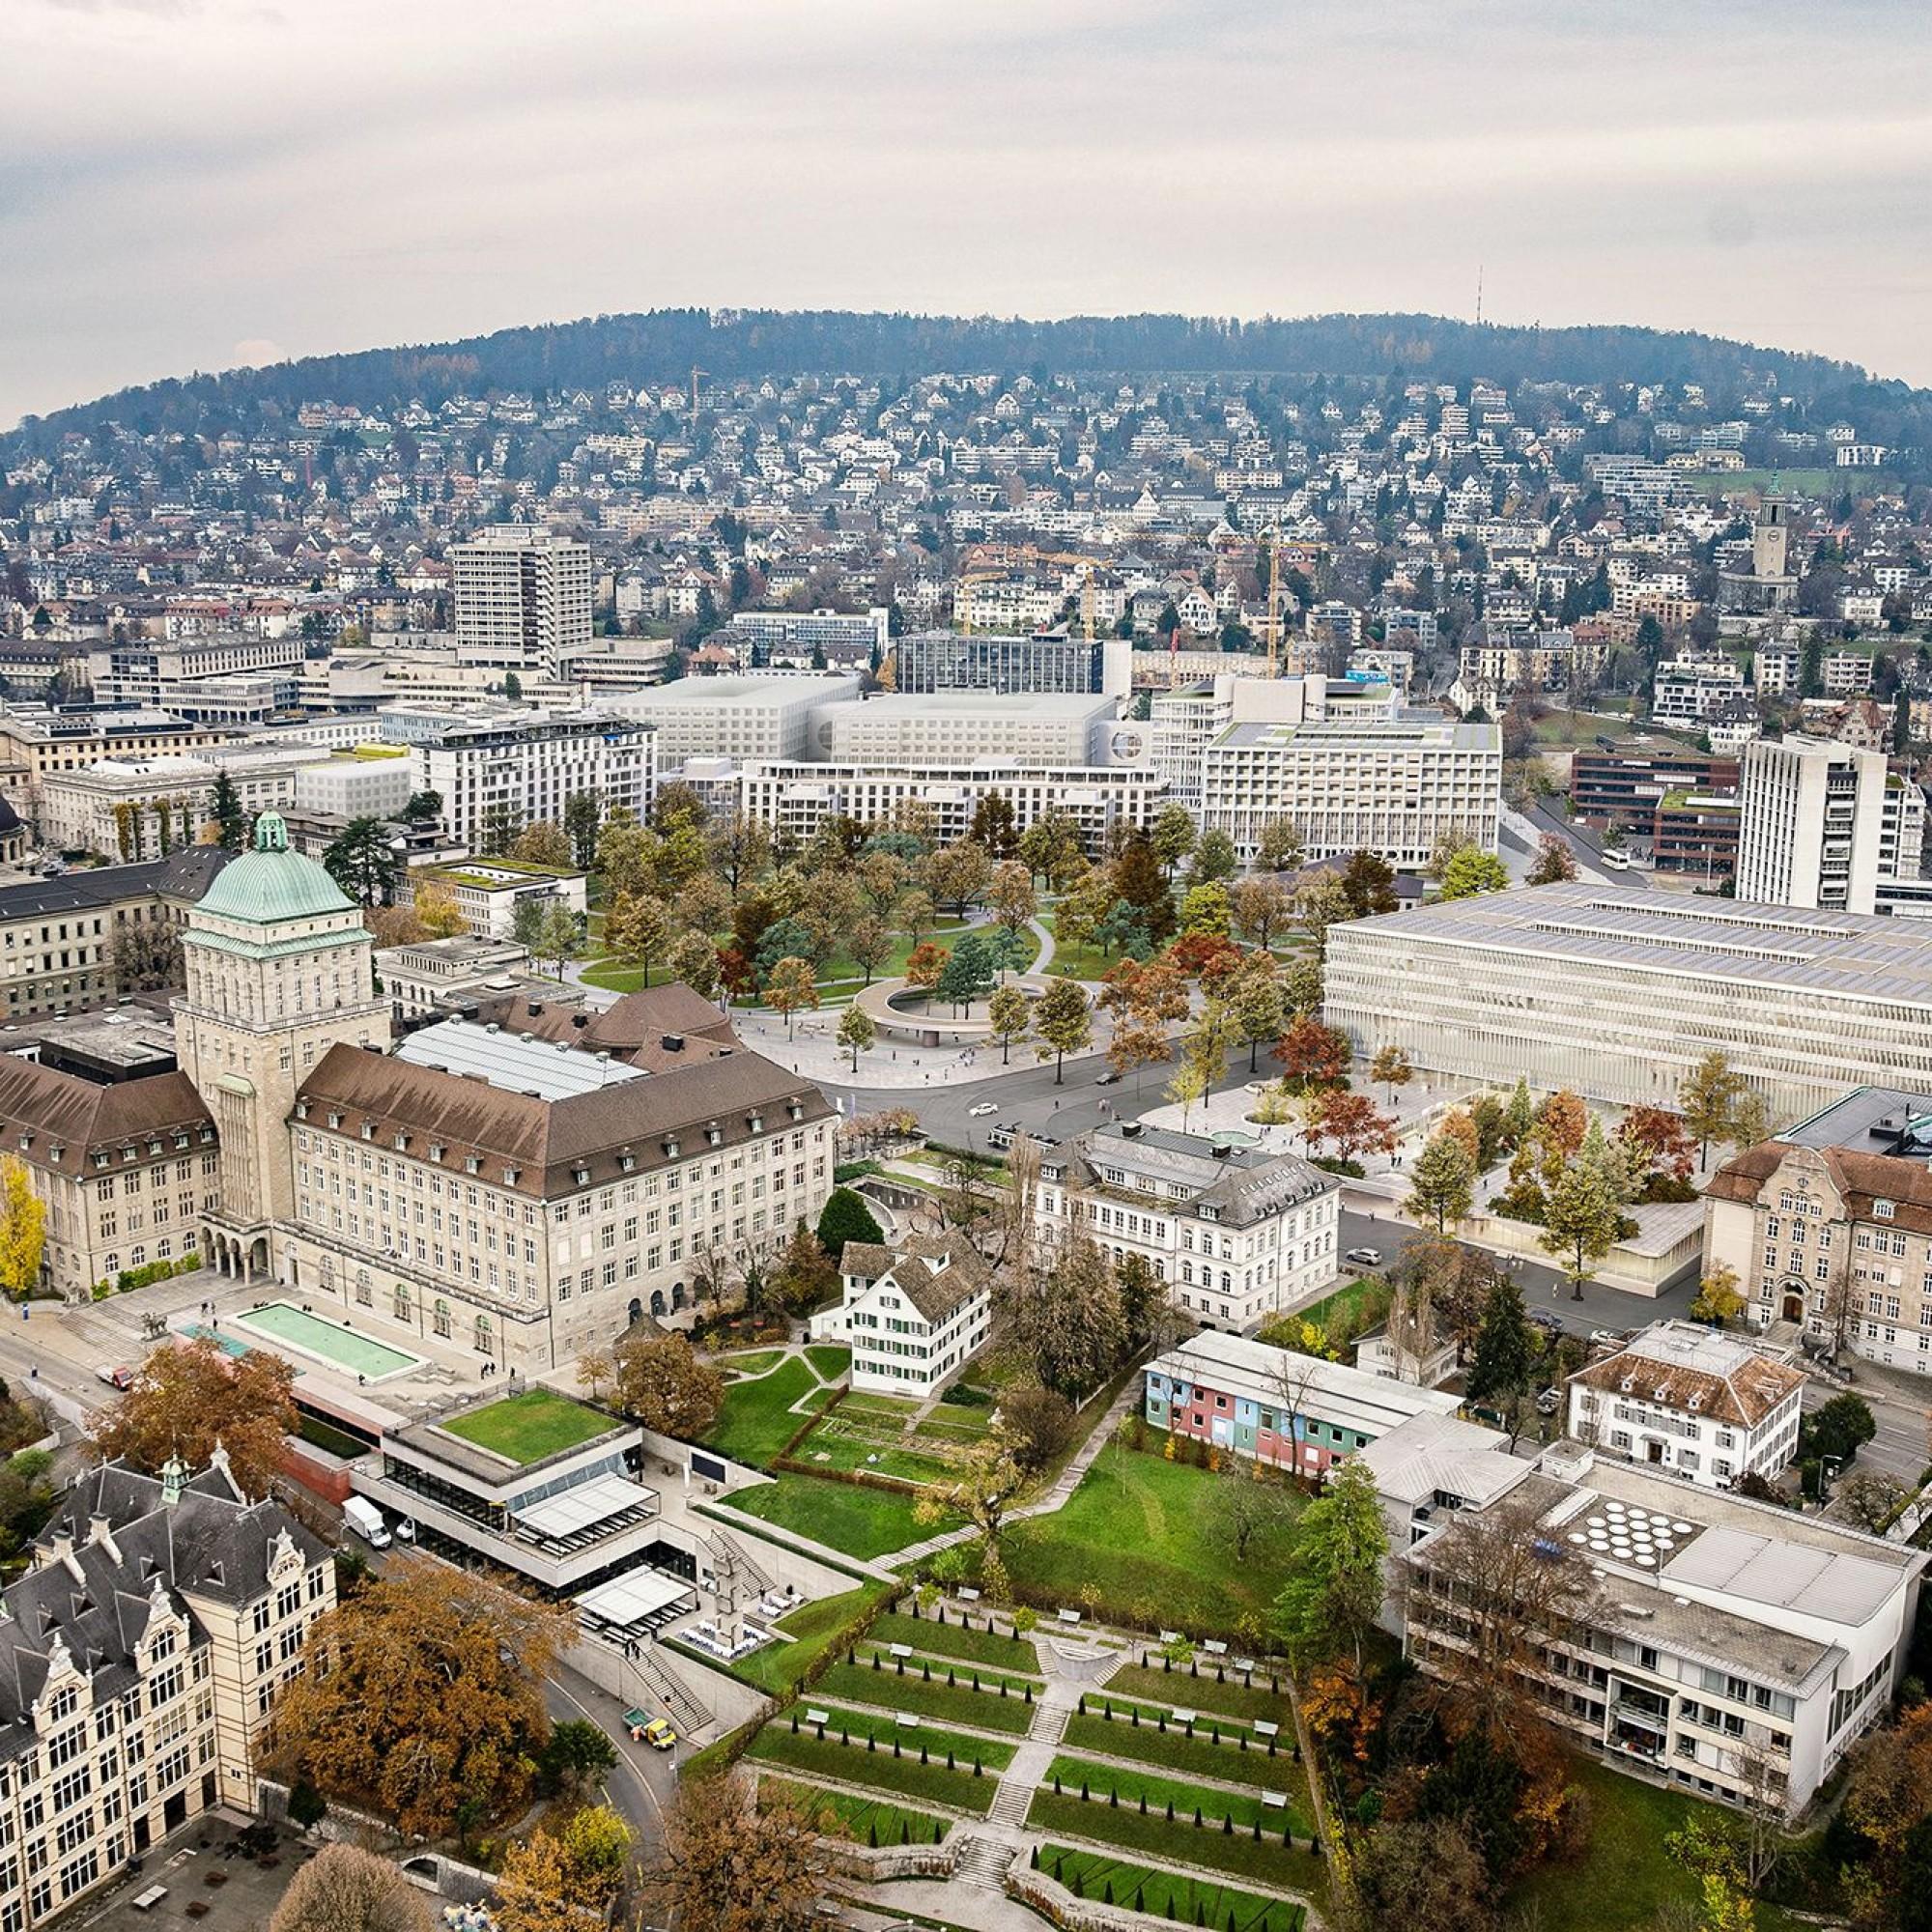 Hochschulgebiet Zürich,Vogelperspektive.